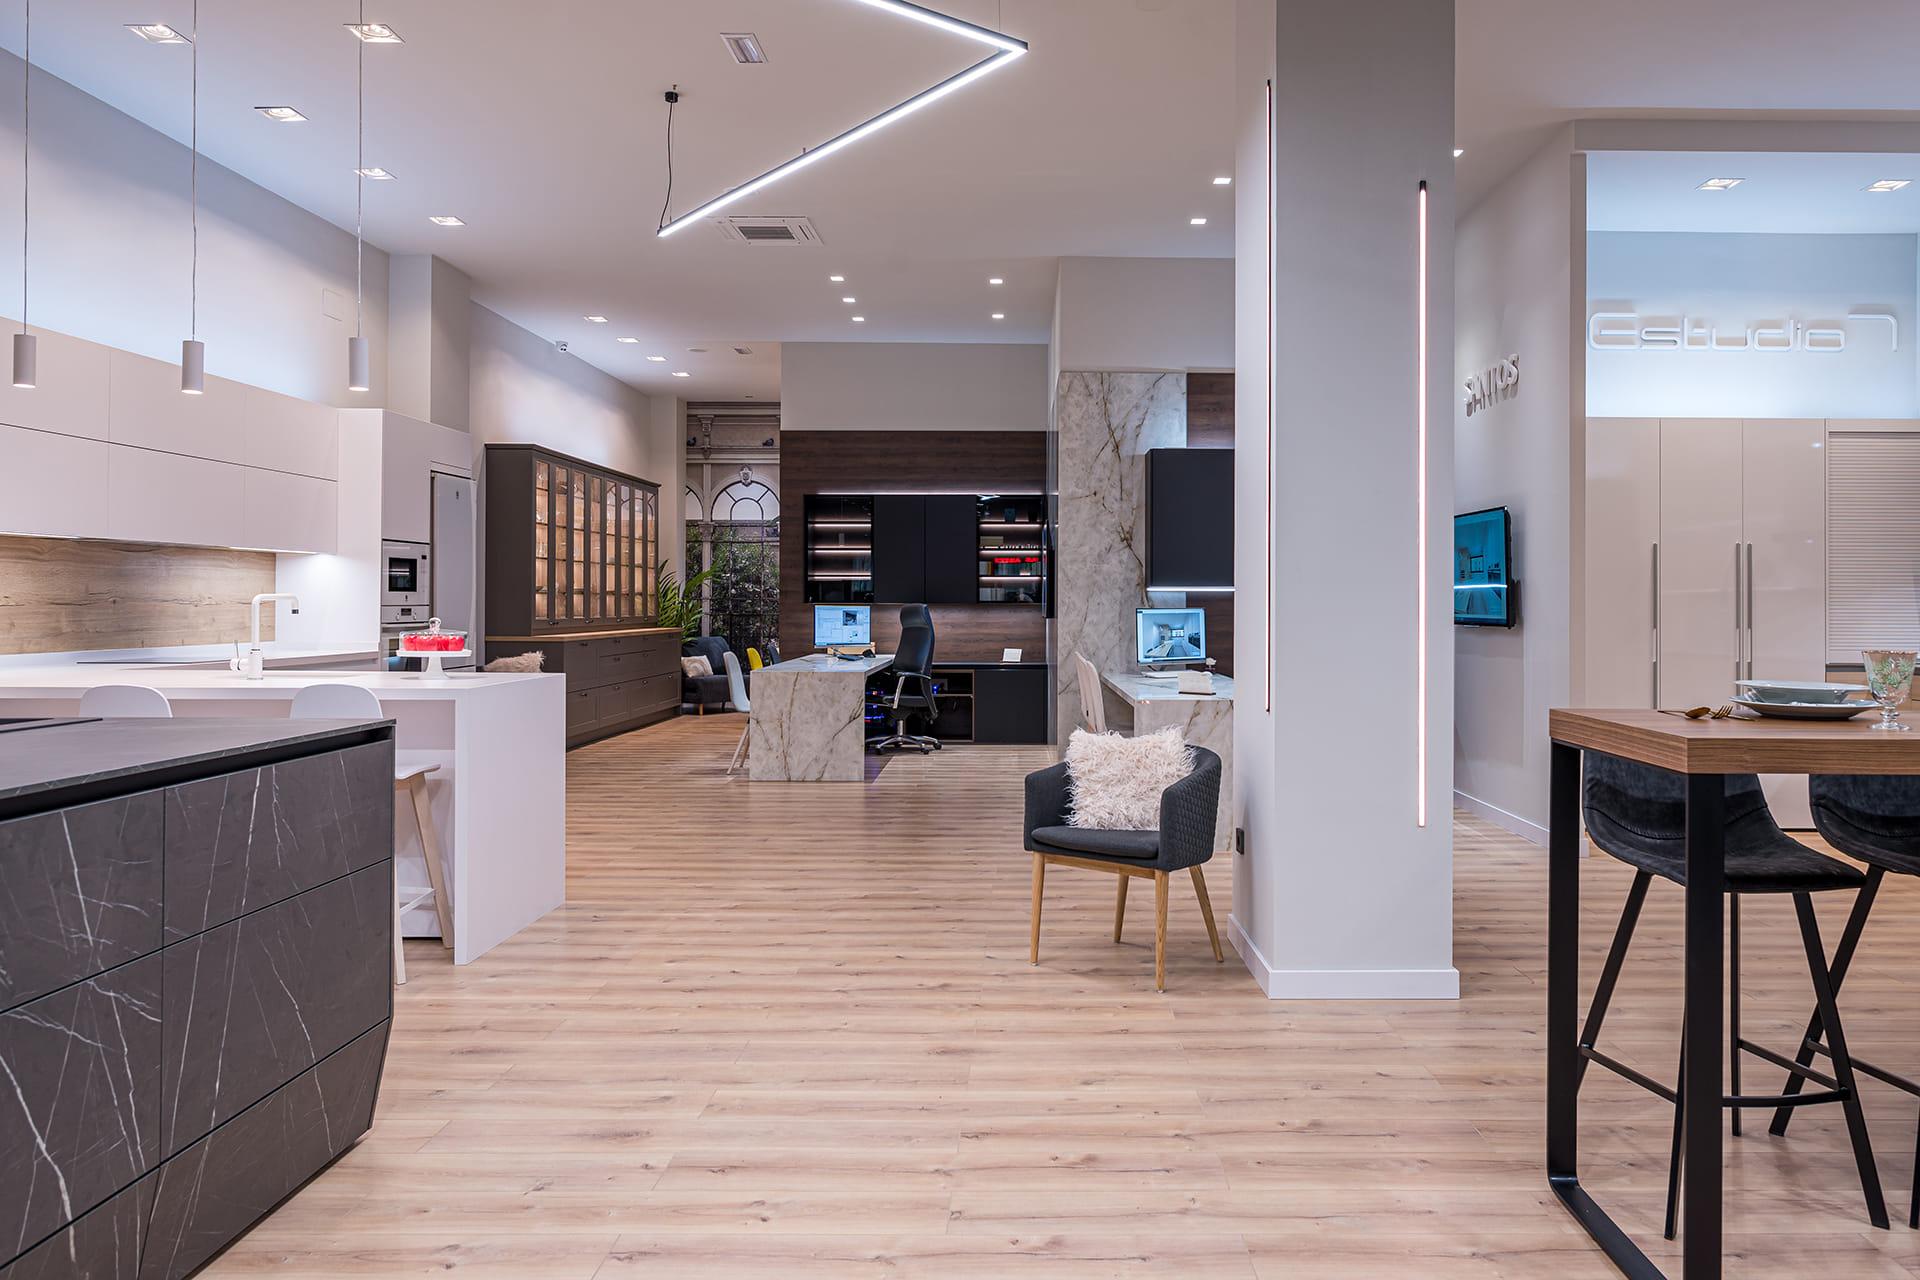 Santos kitchen cabinets. Estudio 7 kitchen display